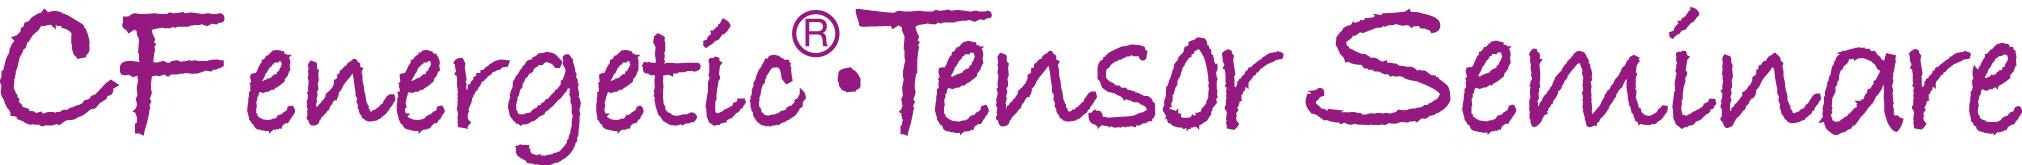 CF energetic® Tensor Seminare